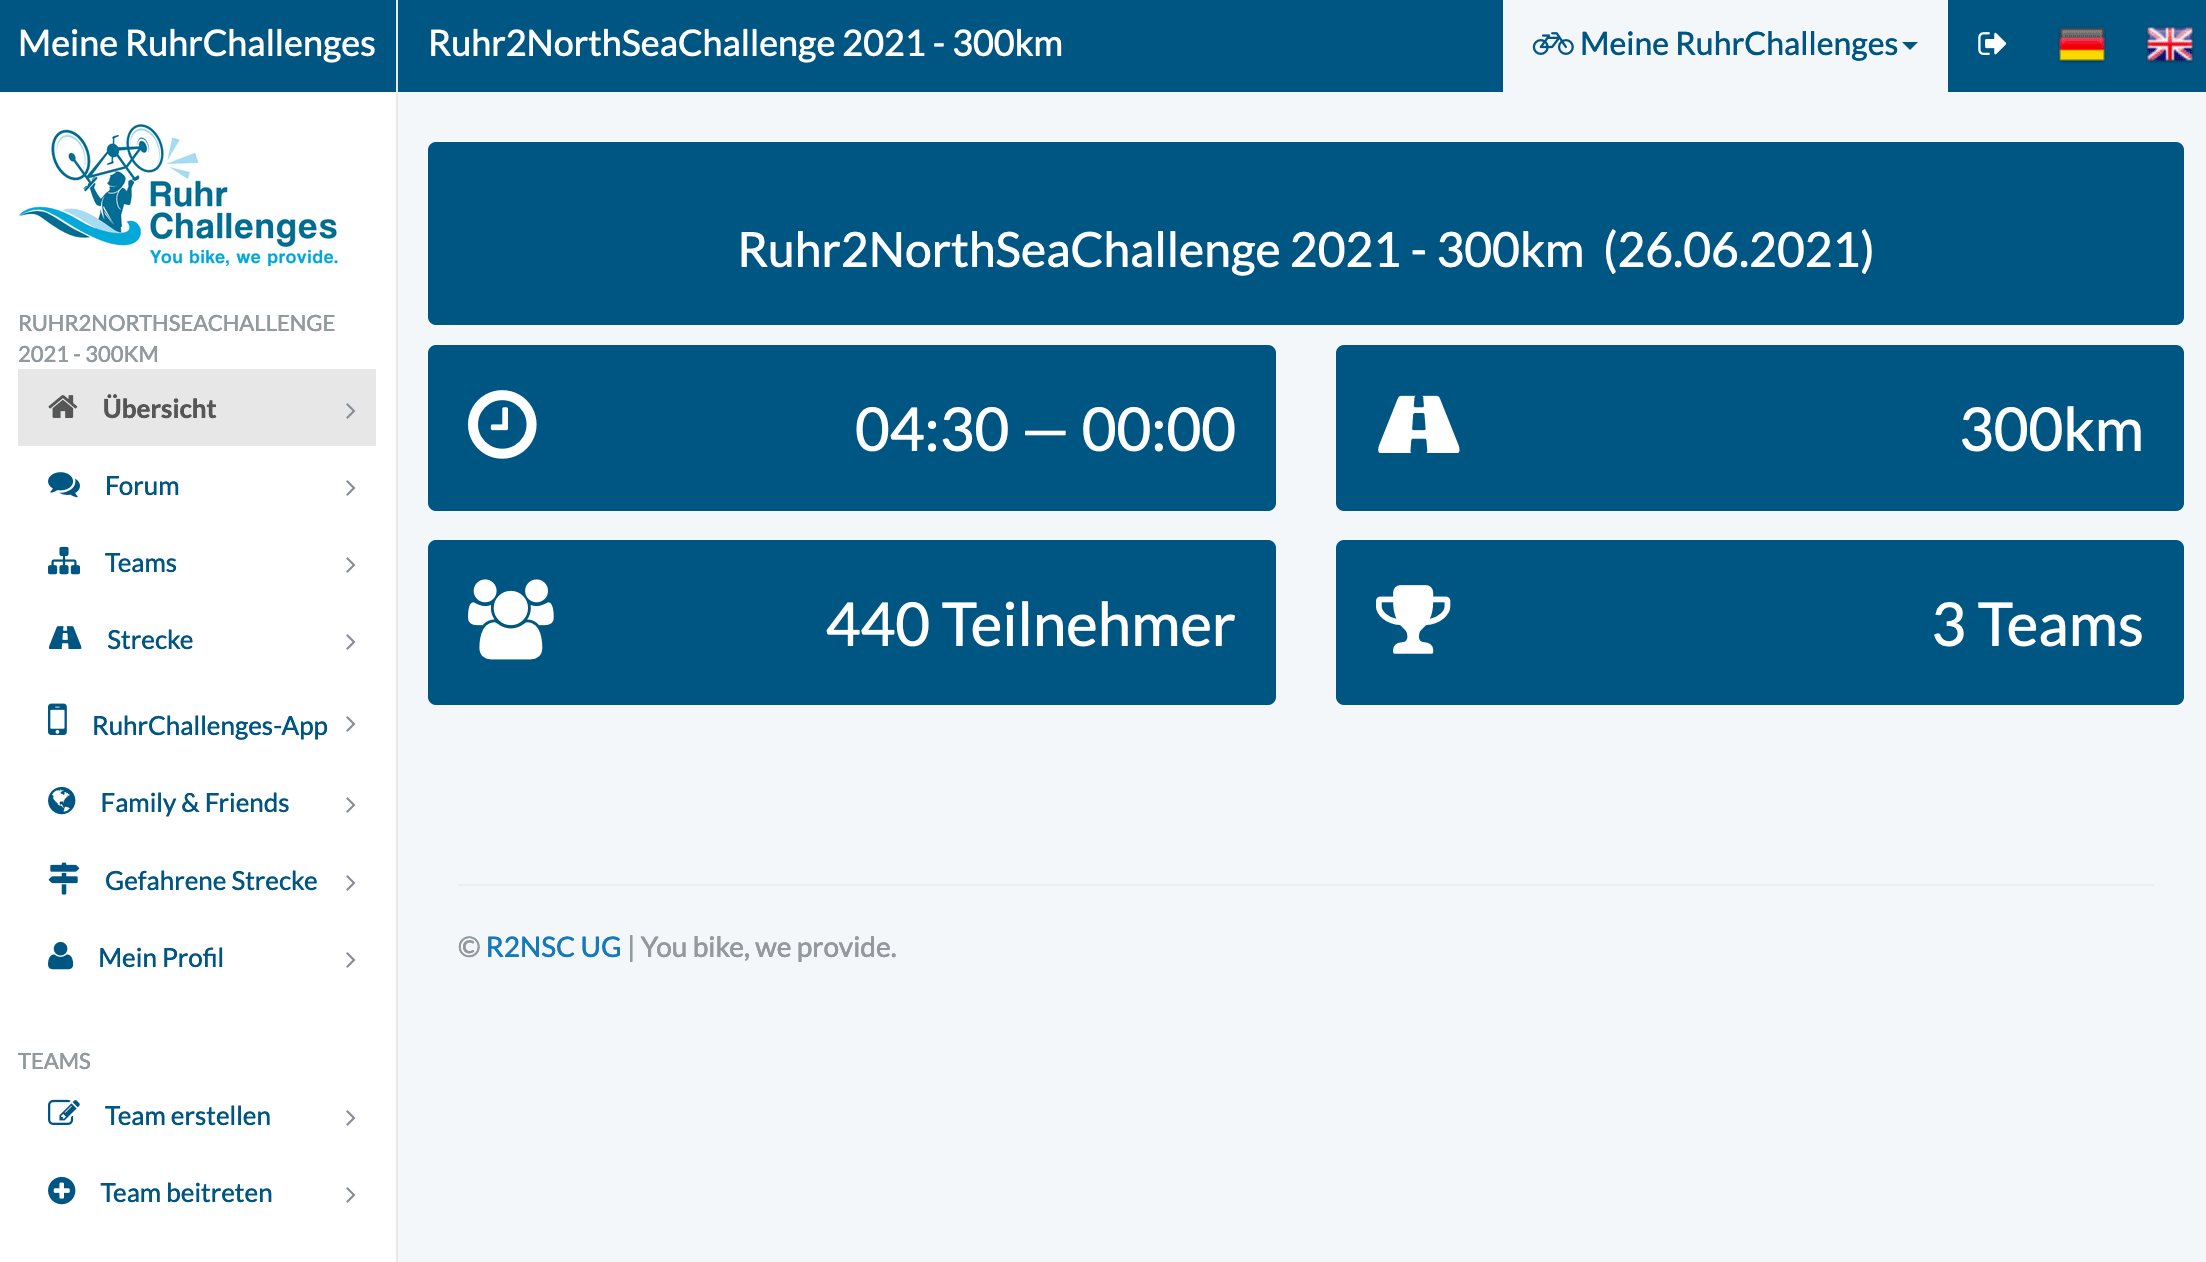 Das Meine-RuhrChallenges-Portal